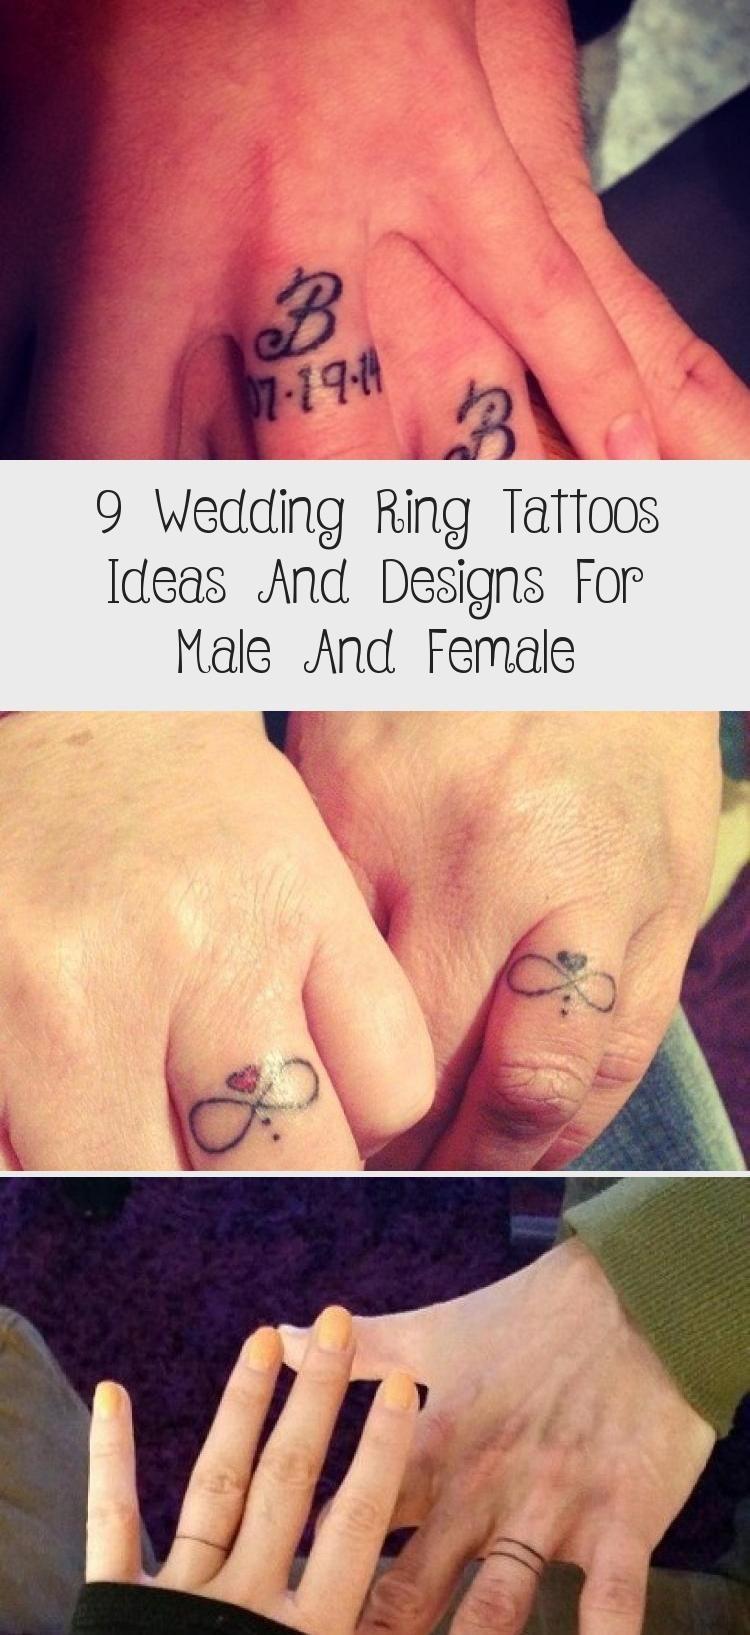 Photo of 9 idées et designs de tatouages d'alliance pour hommes et femmes #tattooideenfriends …